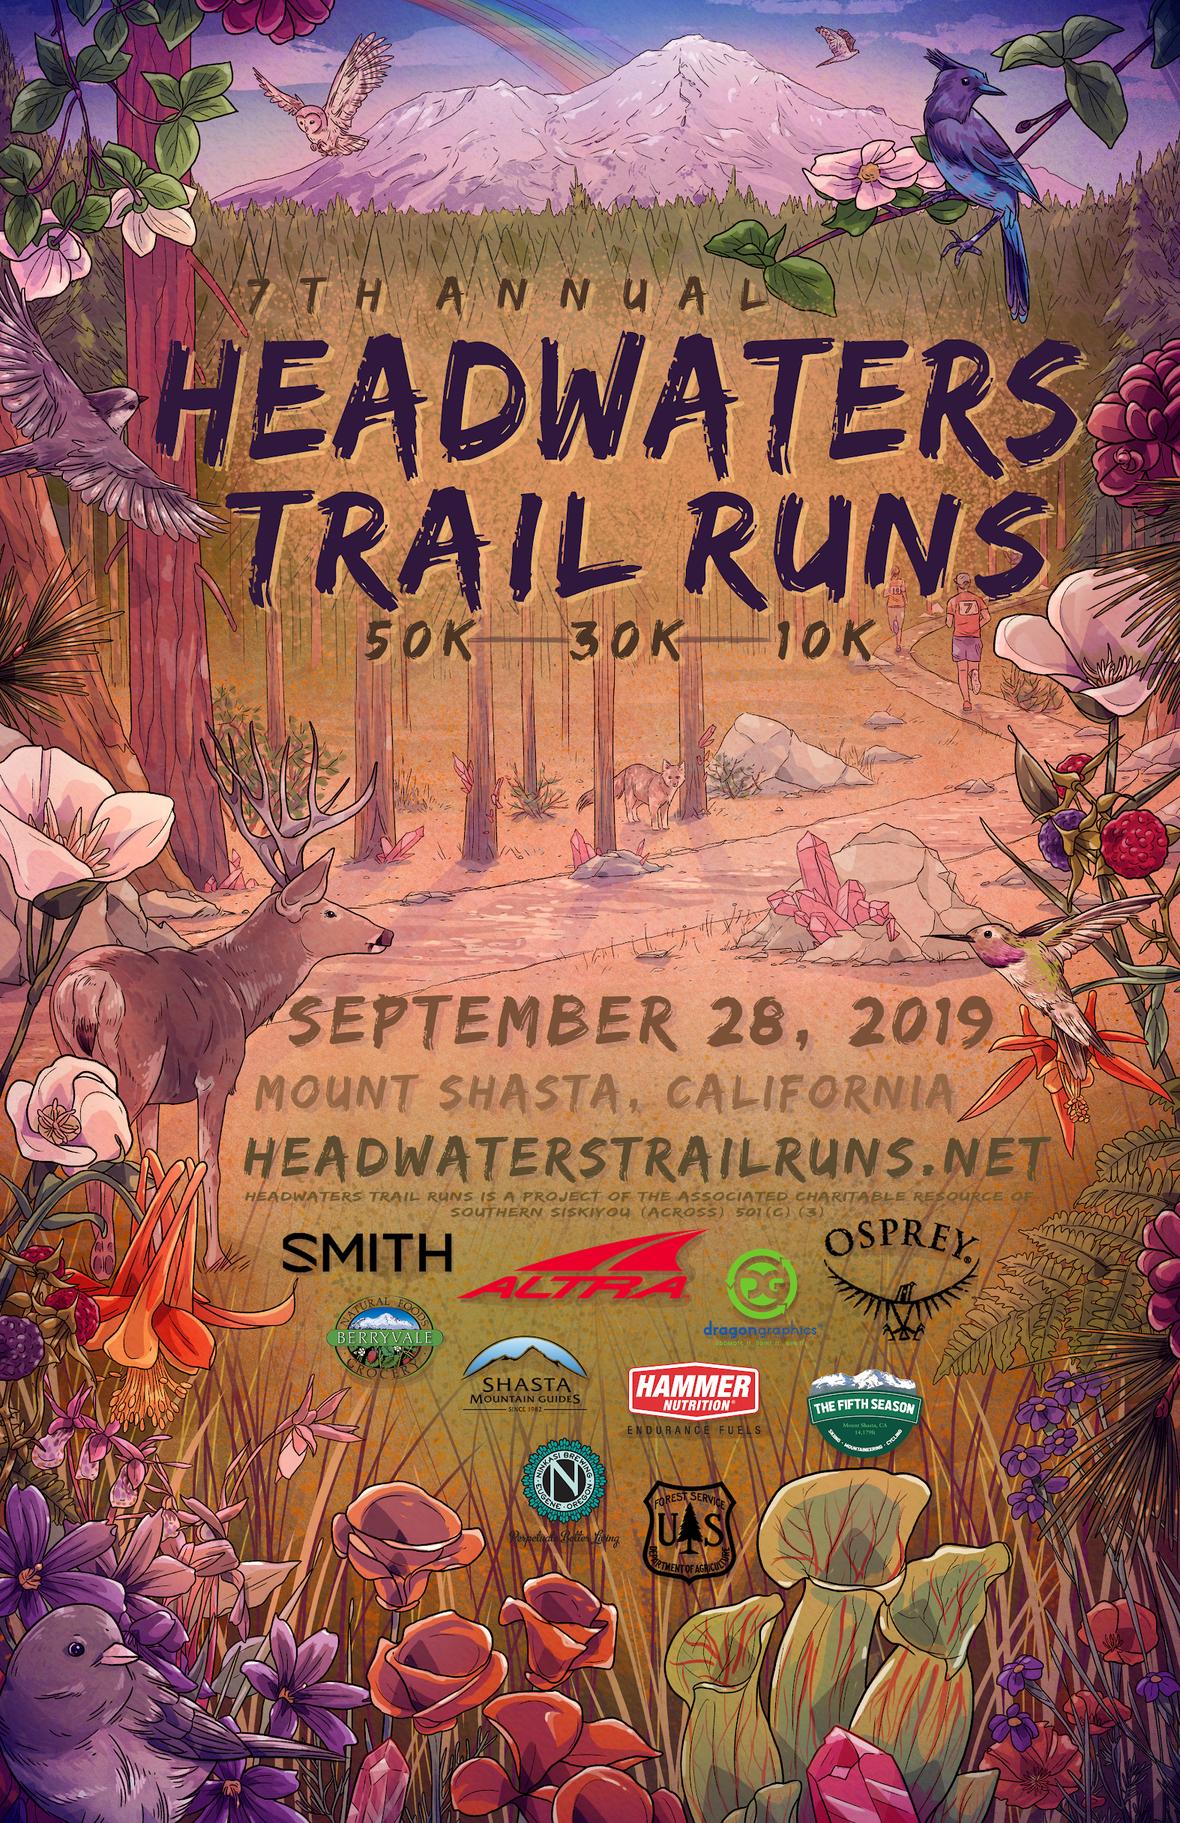 headwaters-final-11x17